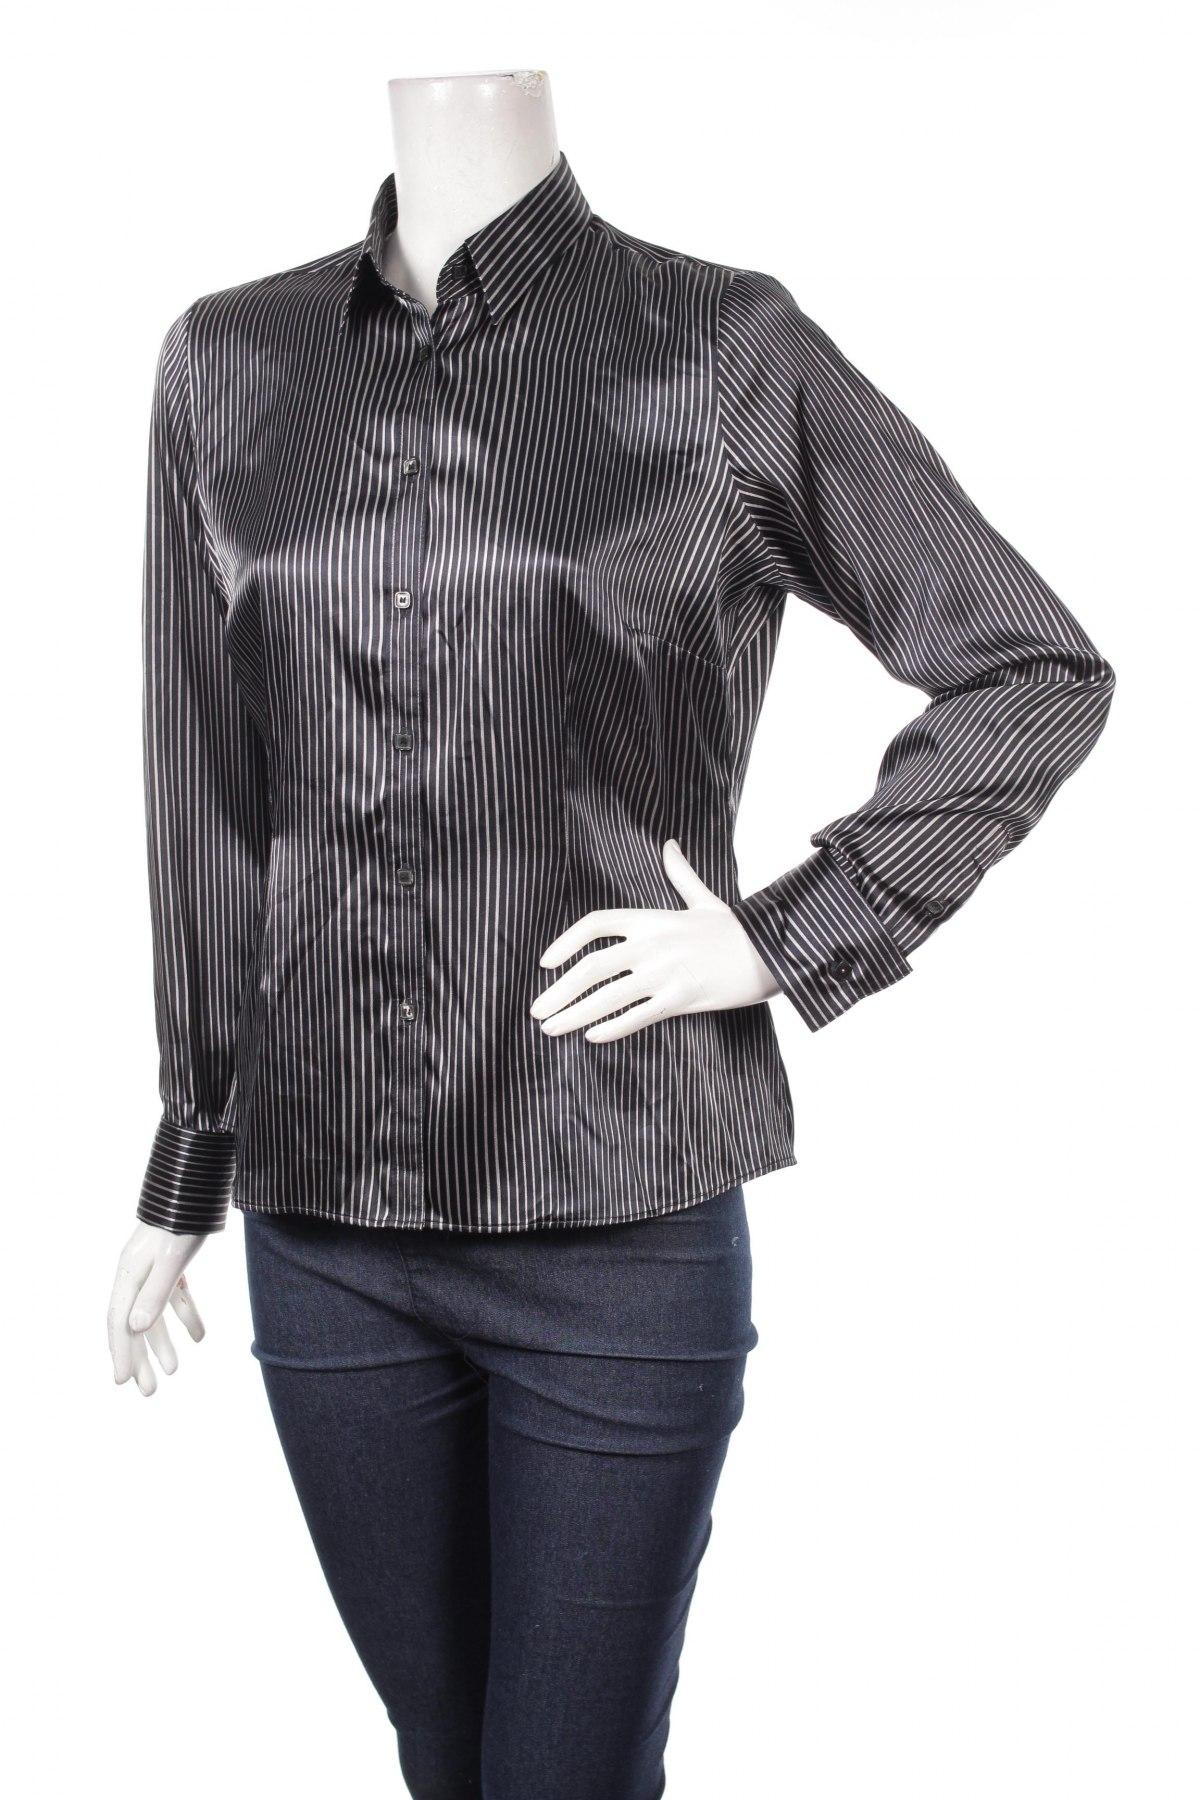 Γυναικείο πουκάμισο Marks & Spencer Autograph